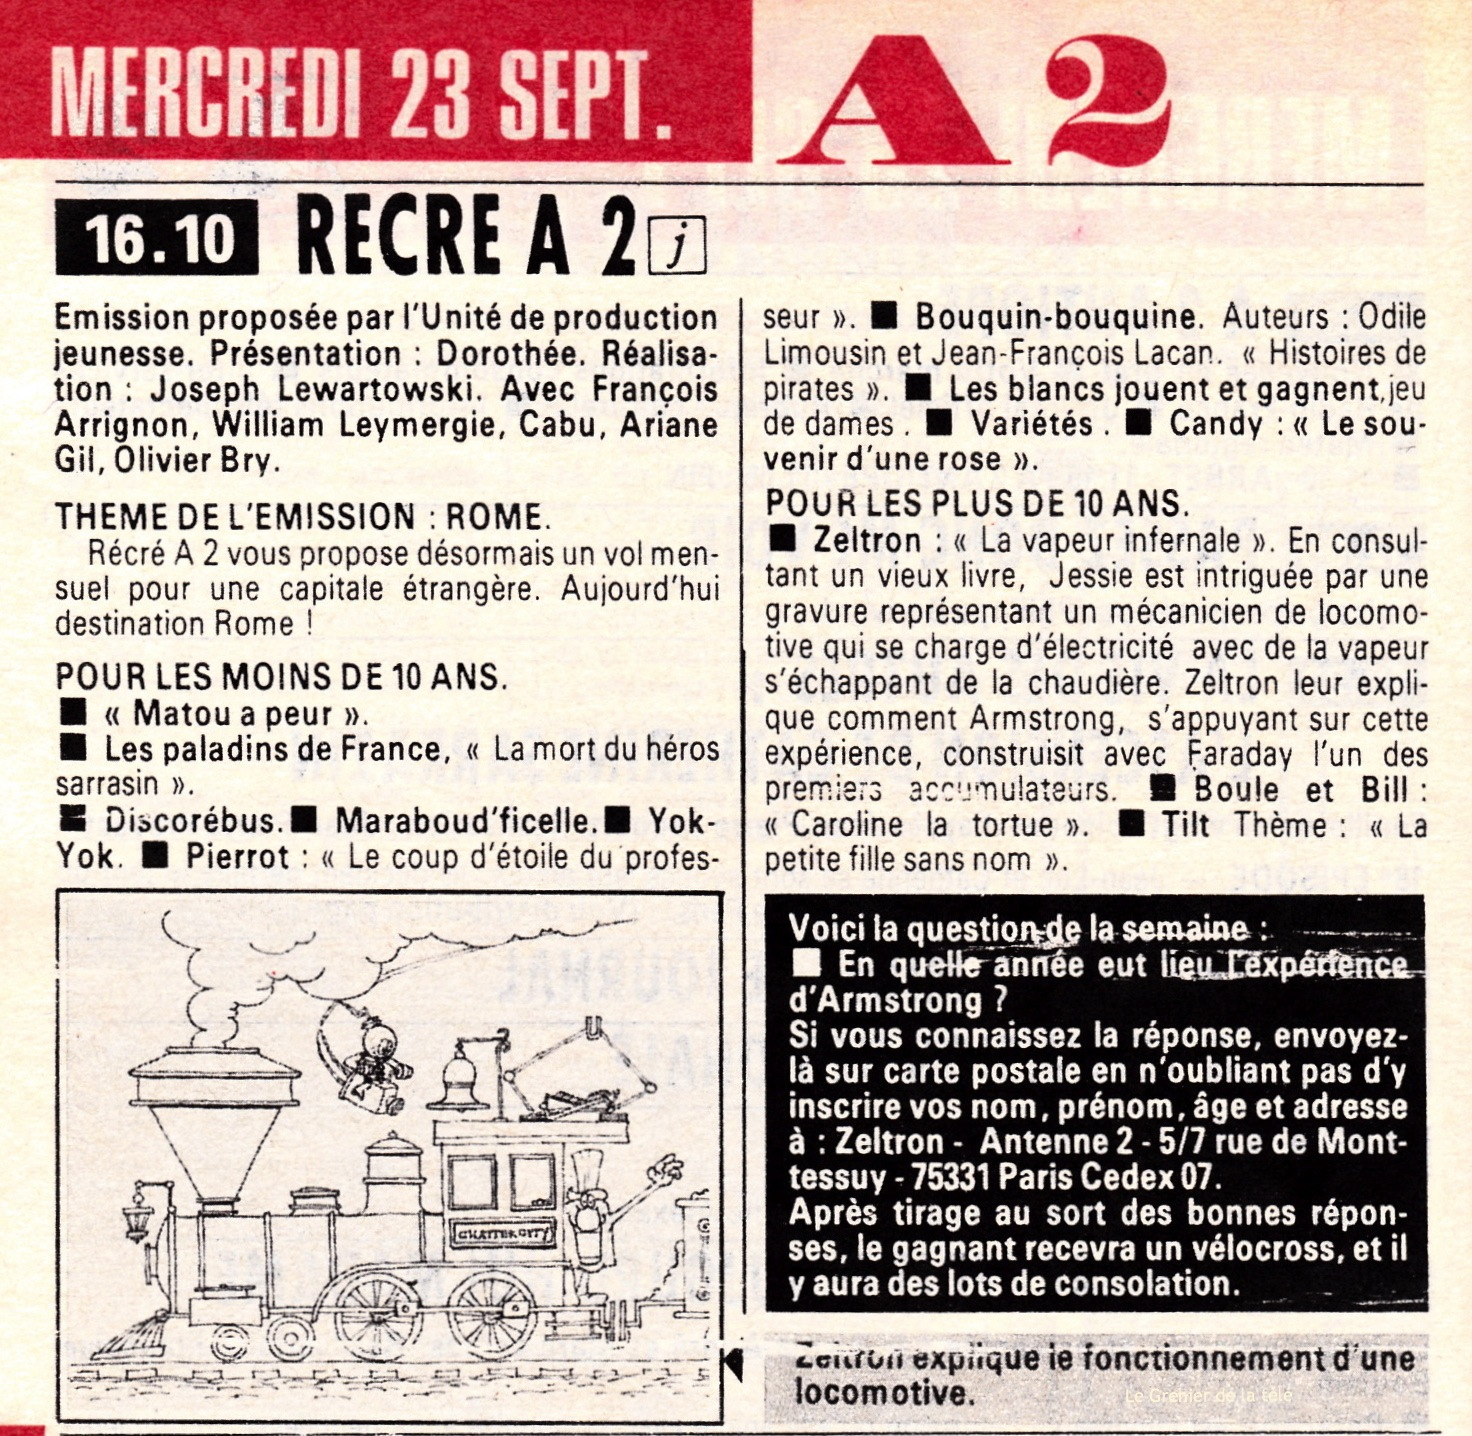 http://grenierdelatv.free.fr/2/recrea223septembre1981.jpg